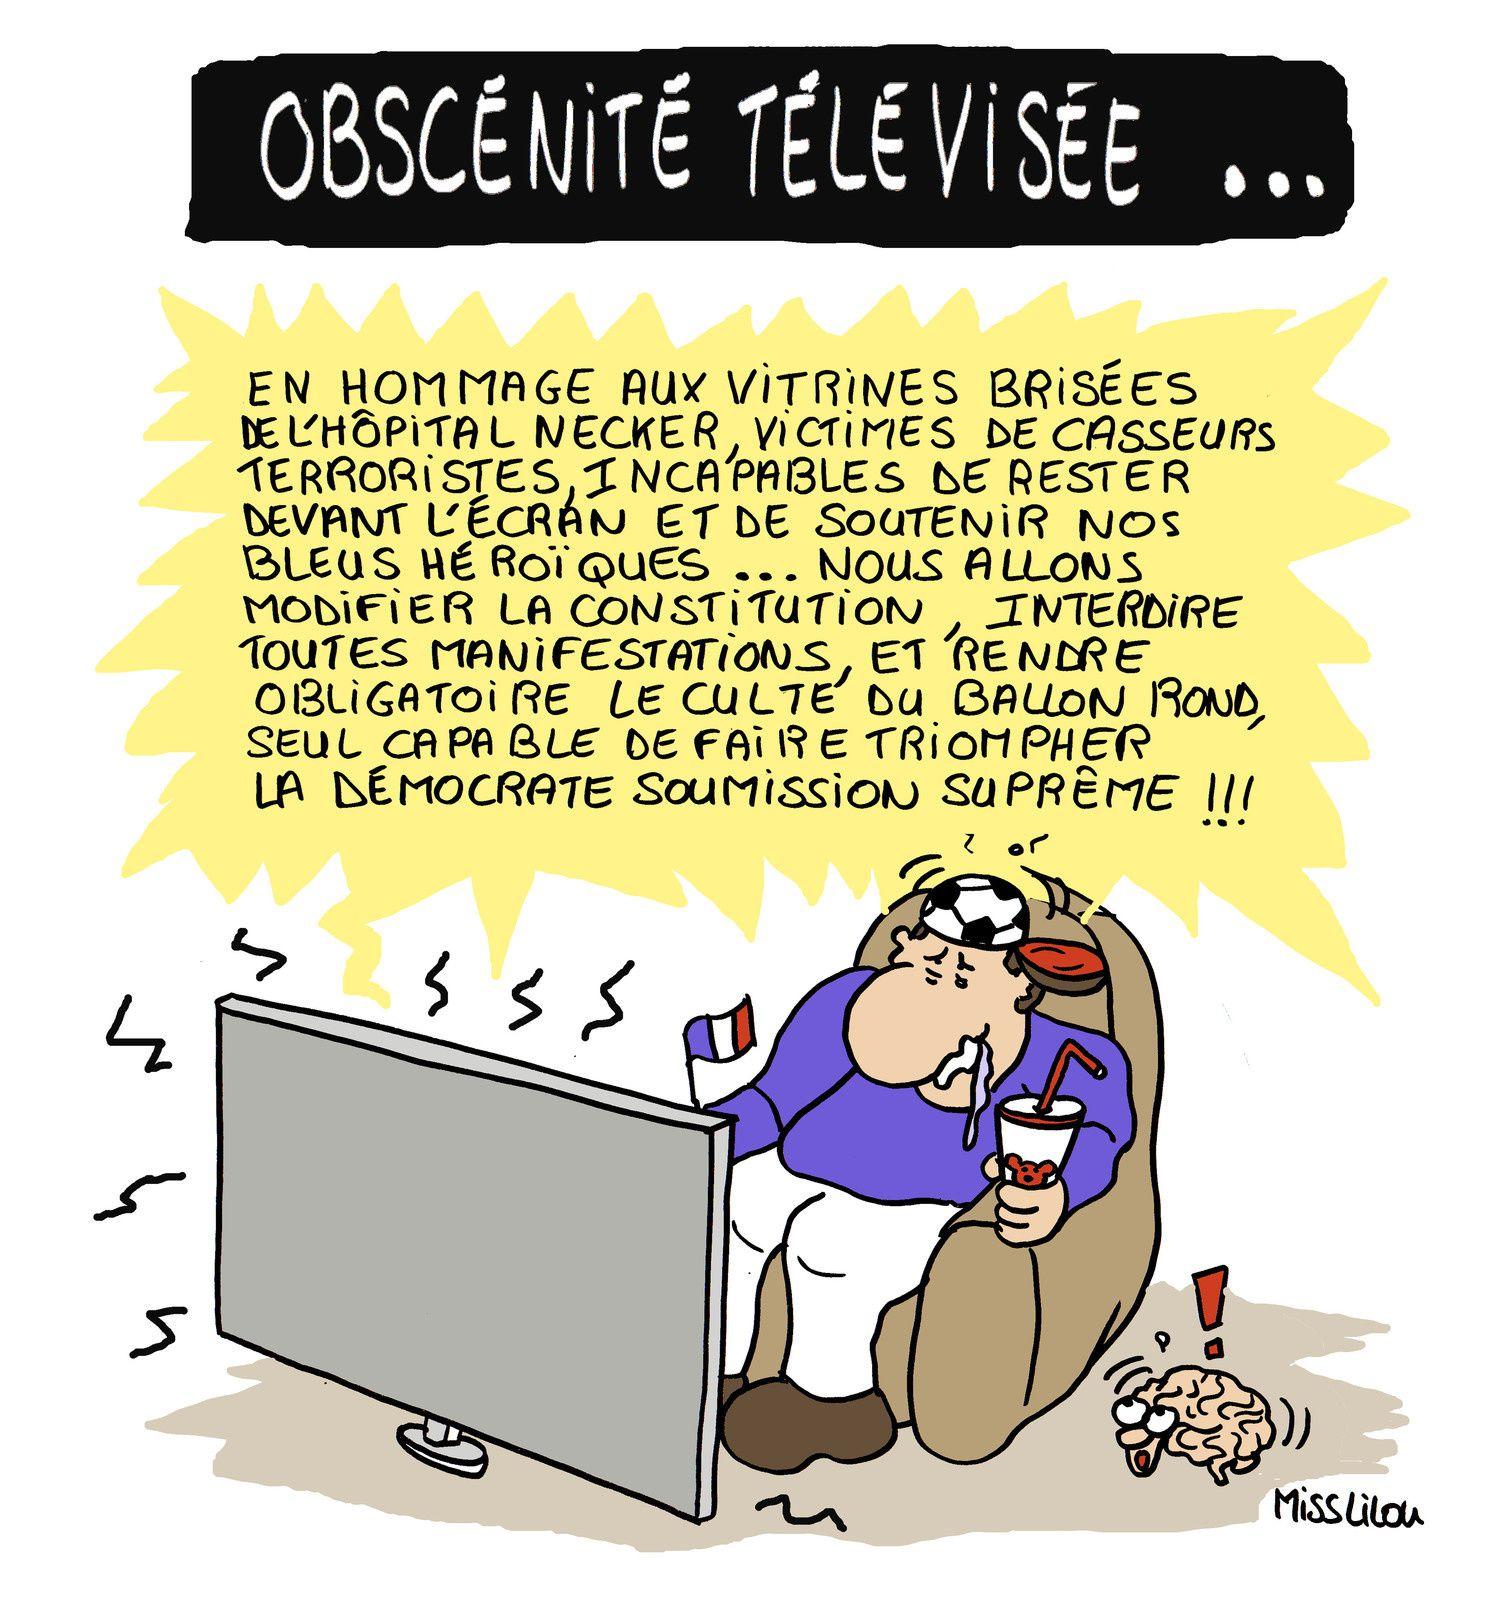 Obscénité télévisée...